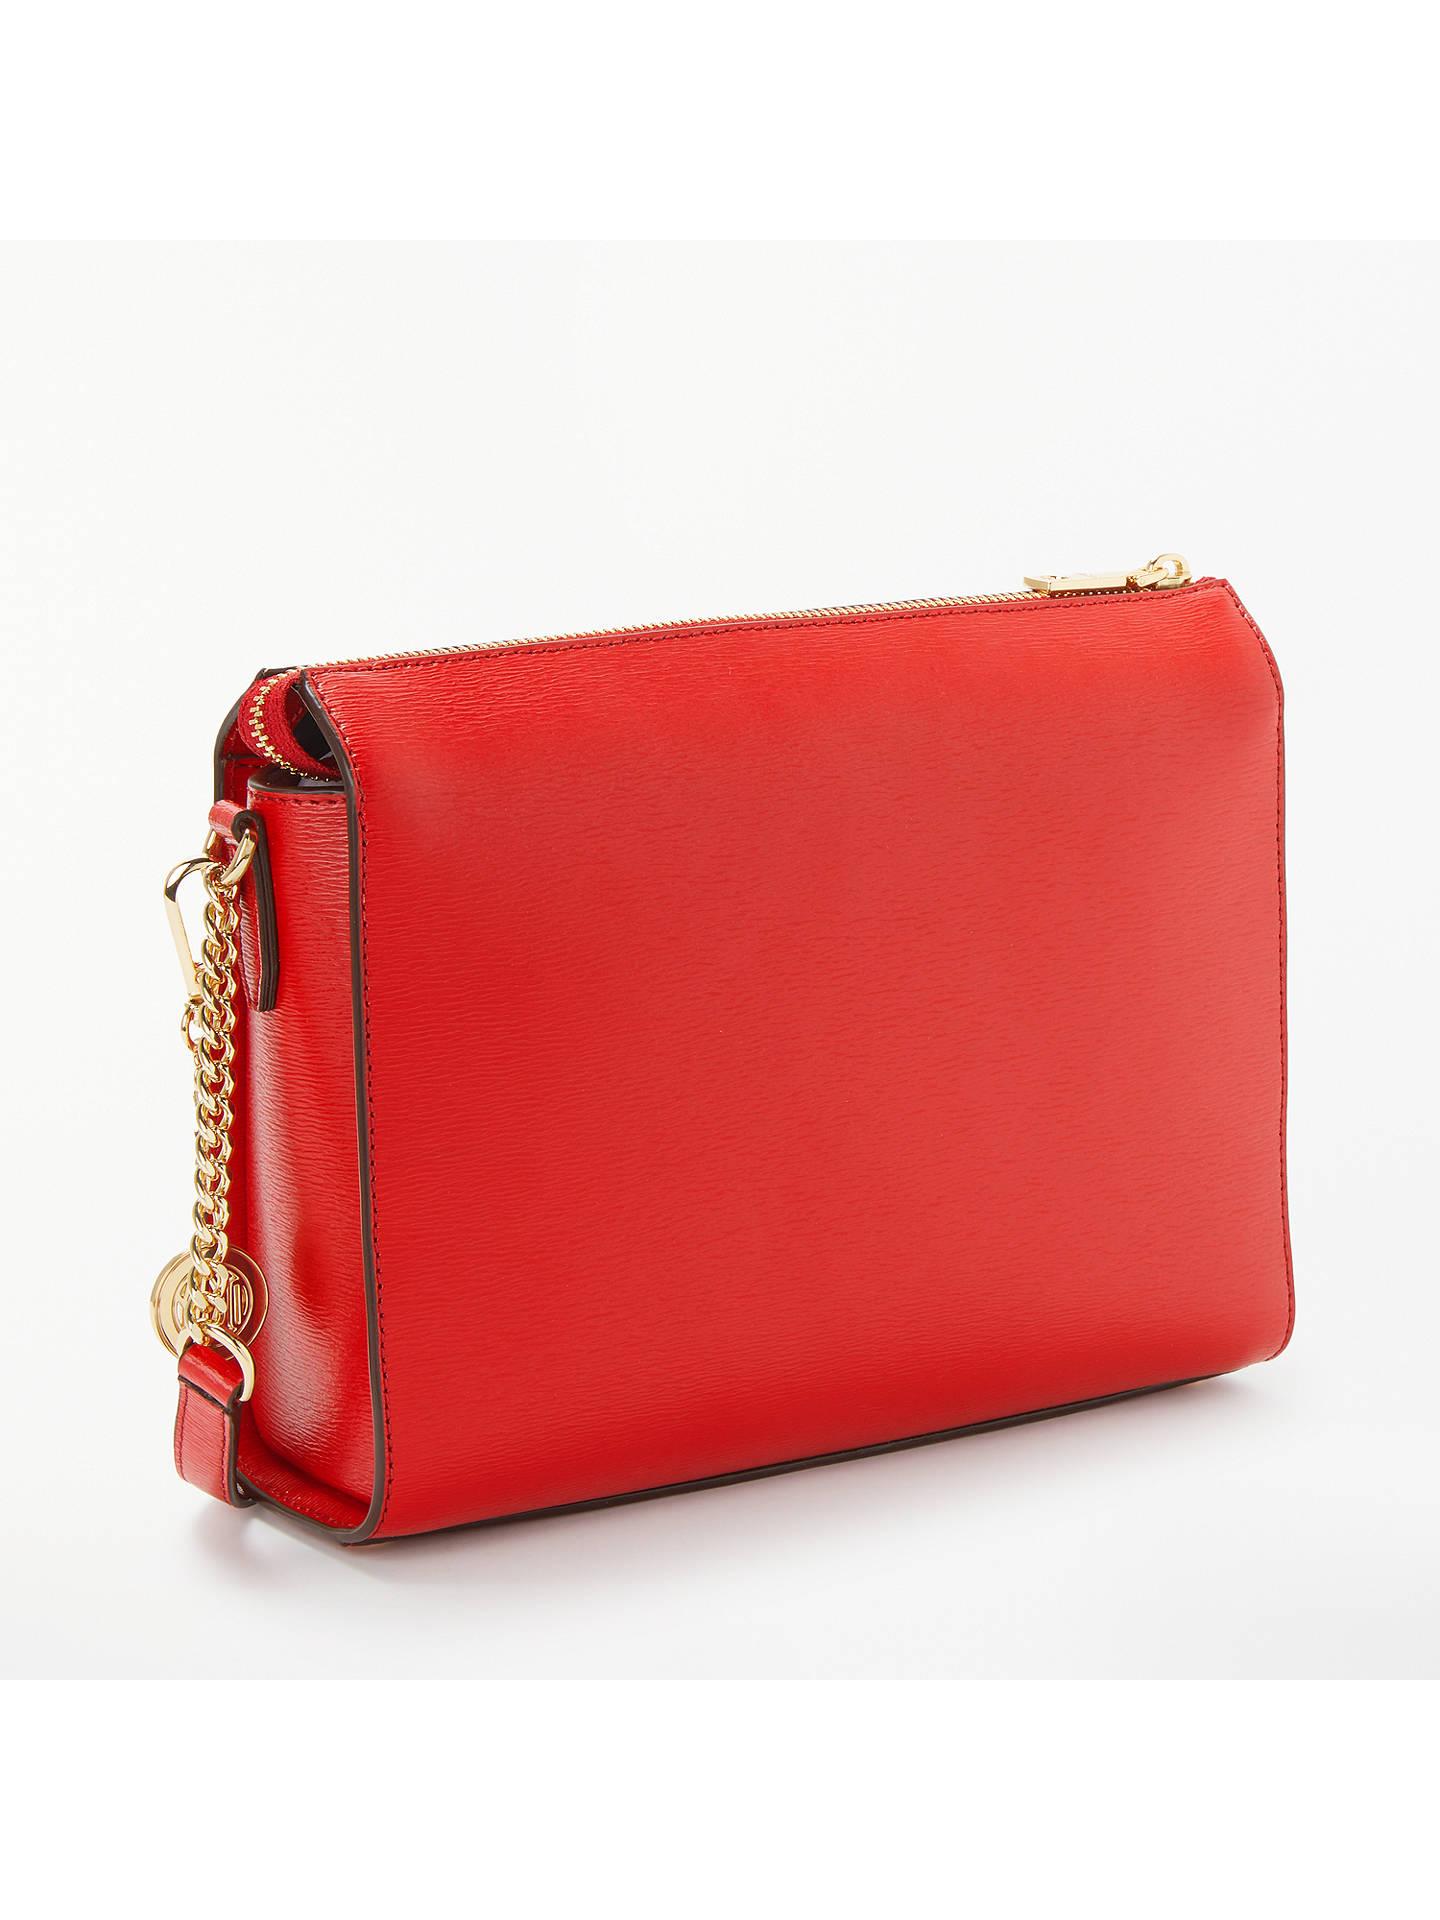 fc480c7ab52a Buy DKNY Bryant Medium Leather Box Cross Body Bag